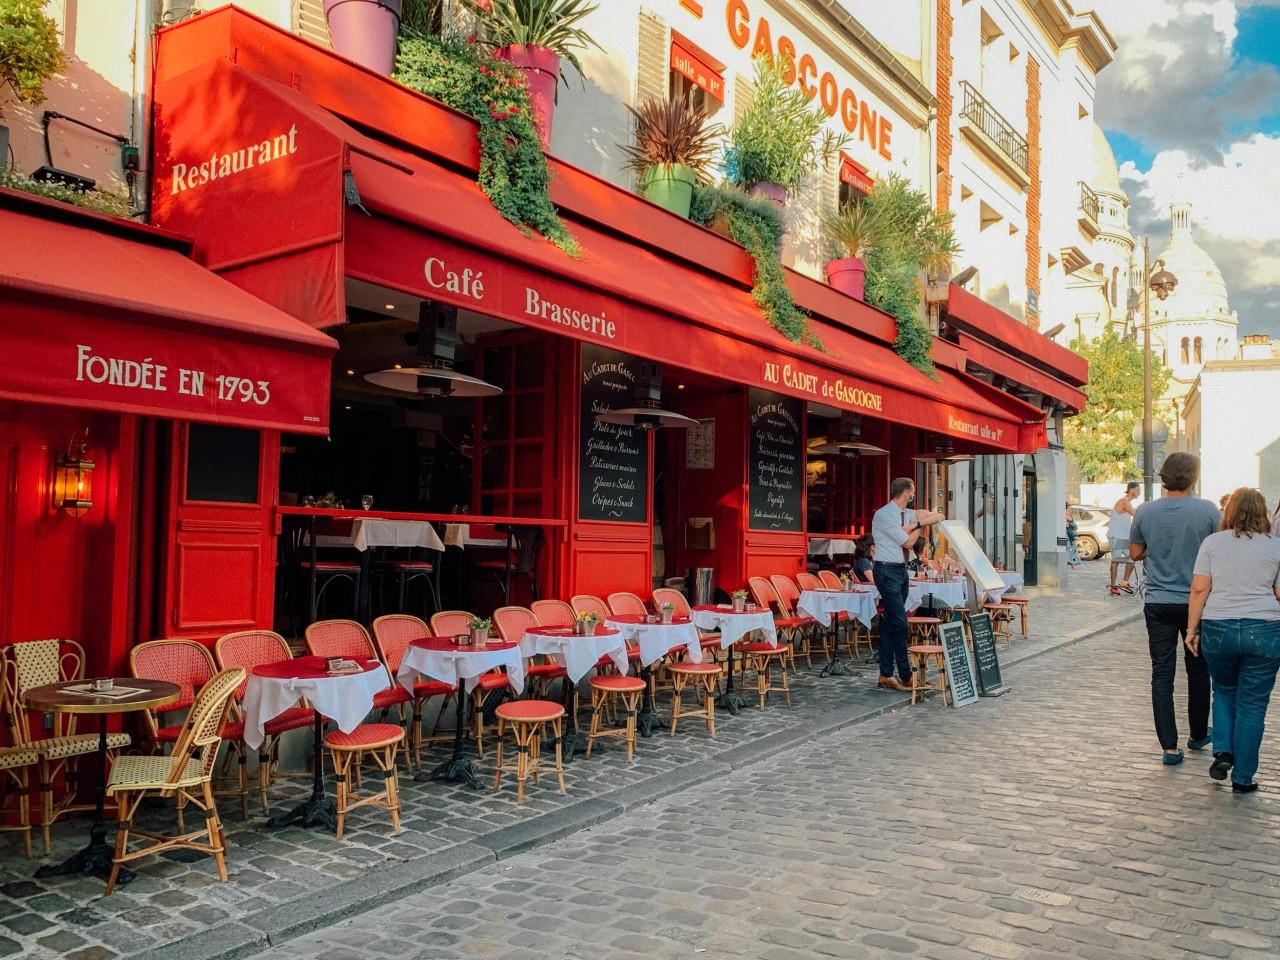 Ristoranti consigliati a Parigi